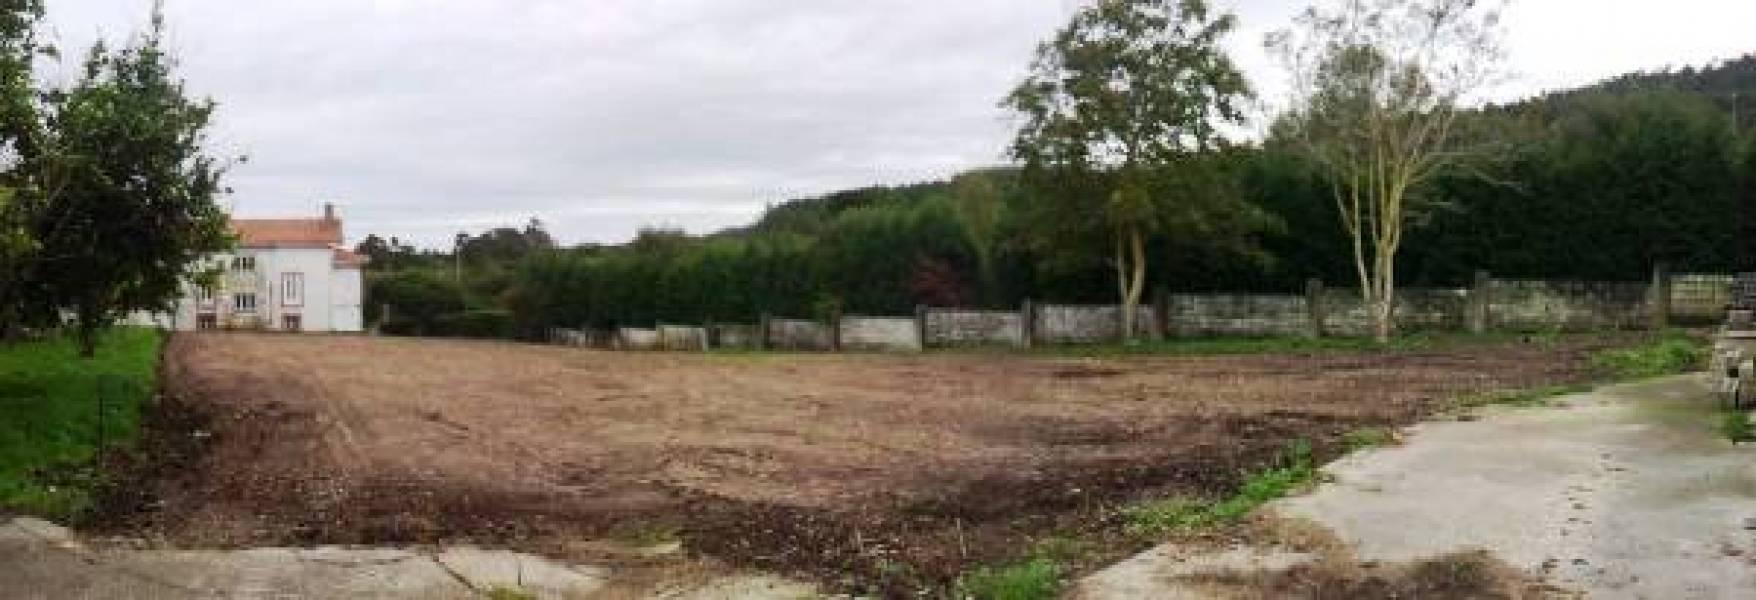 Venta de terreno rural en cudillero - imagenInmueble5